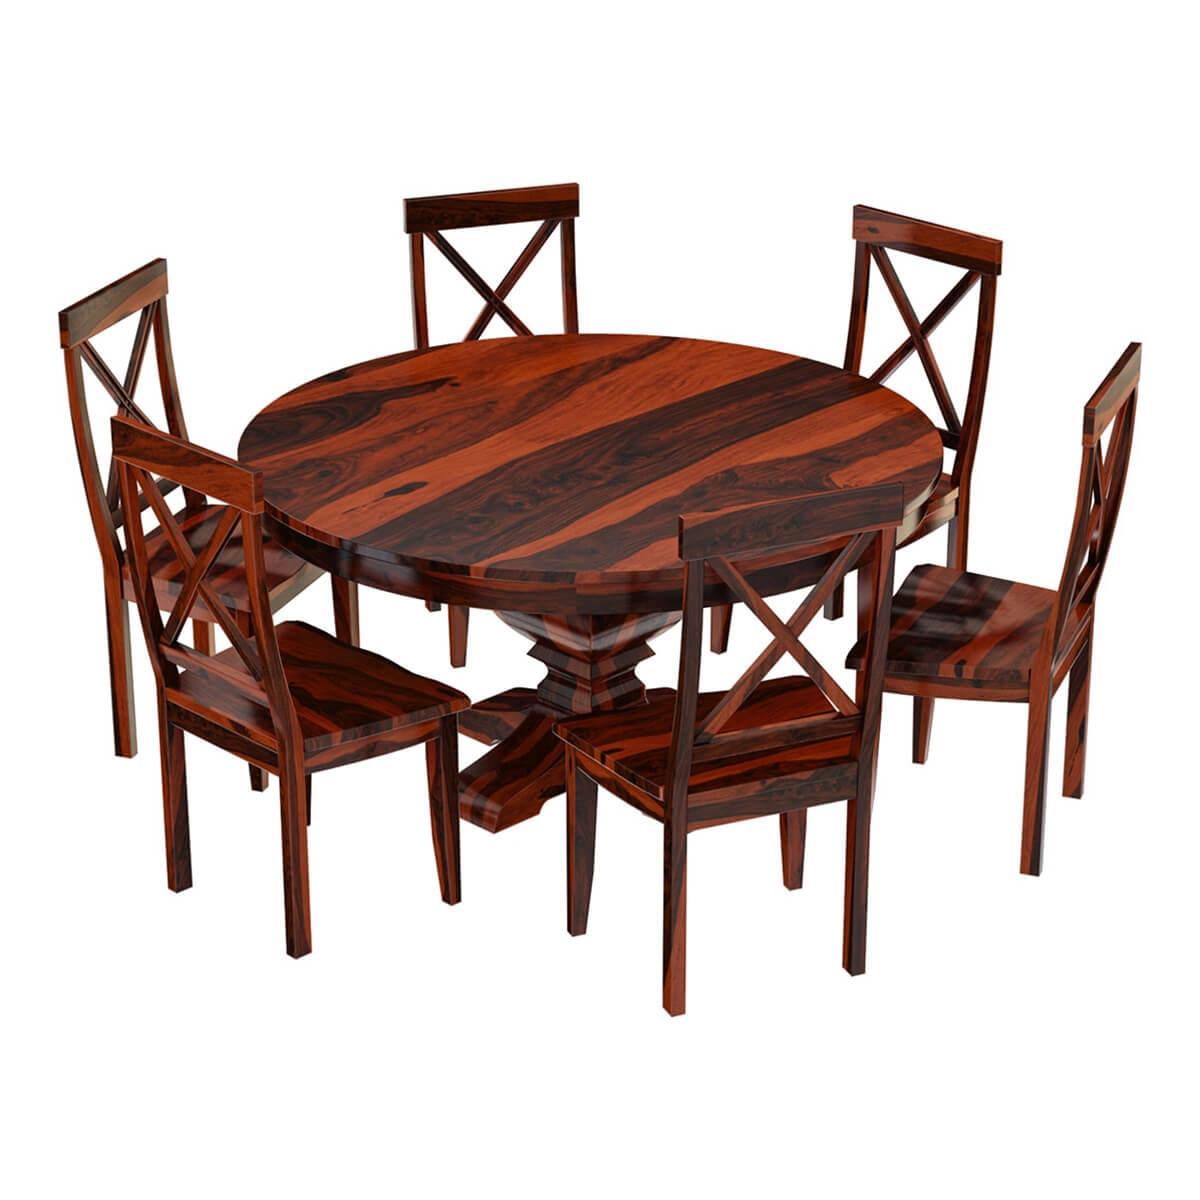 missouri solid wood round pedestal dining table with 6 on solid wood dining table id=68120